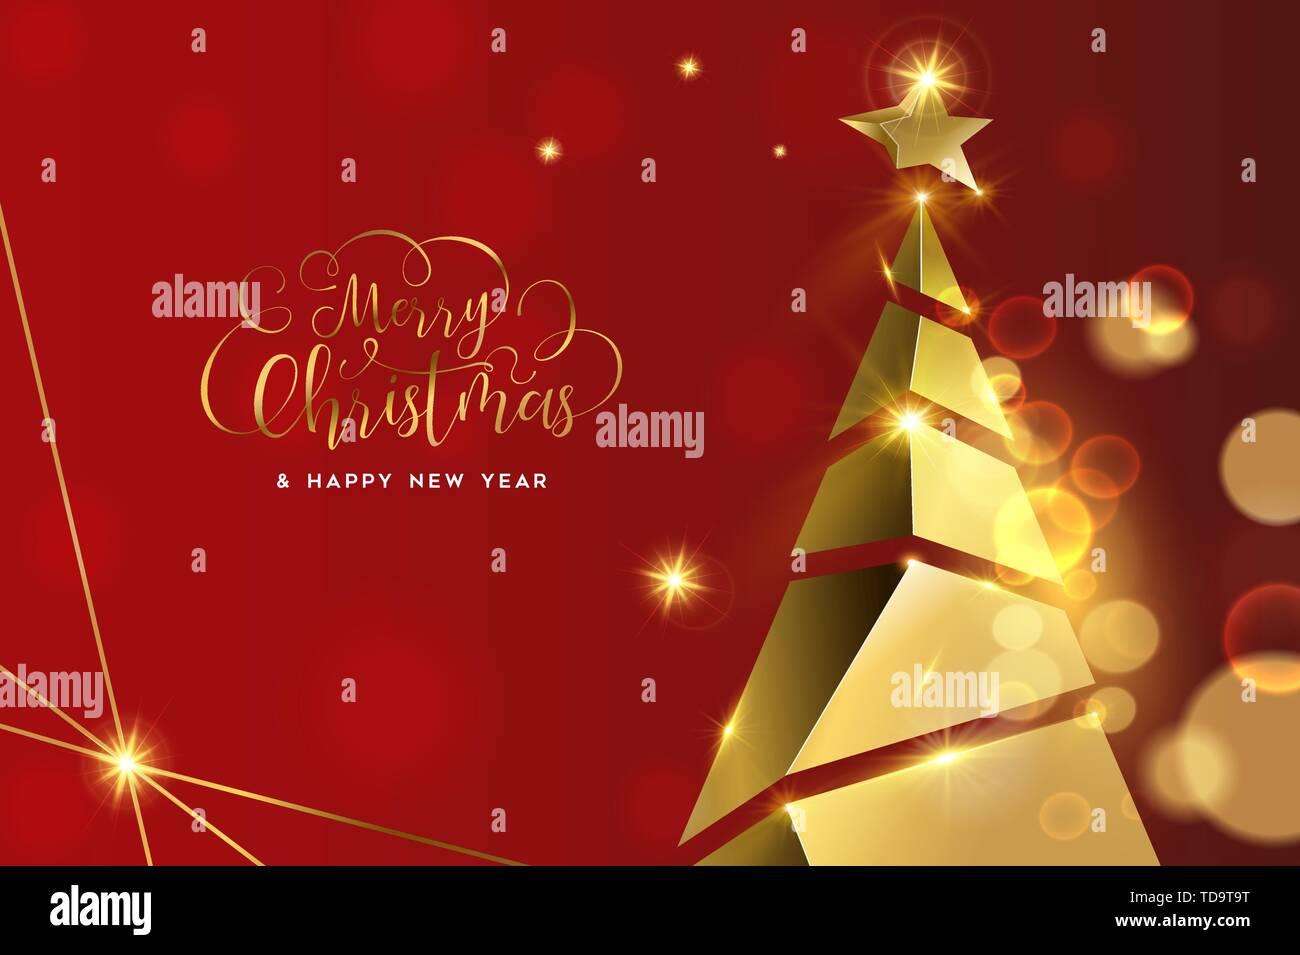 Frohe Weihnachten 3d.Frohe Weihnachten Frohes Neues Jahr Luxus Grußkarte Illustration